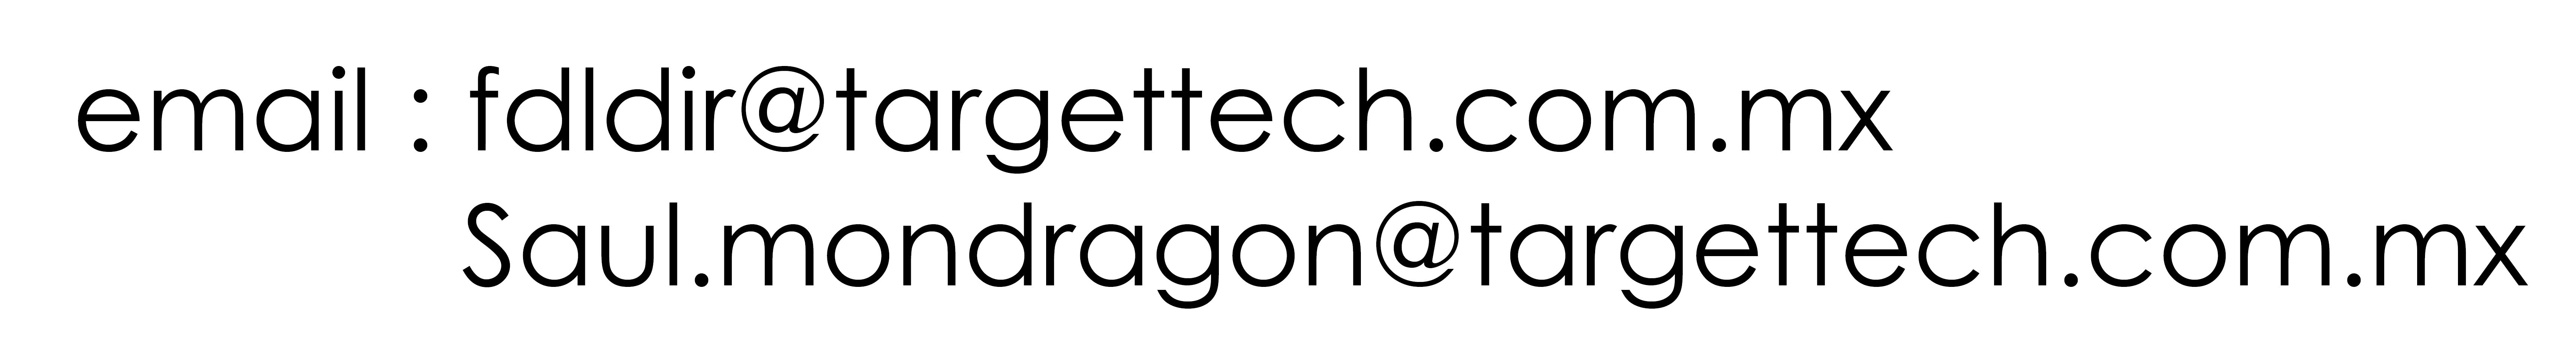 targettech